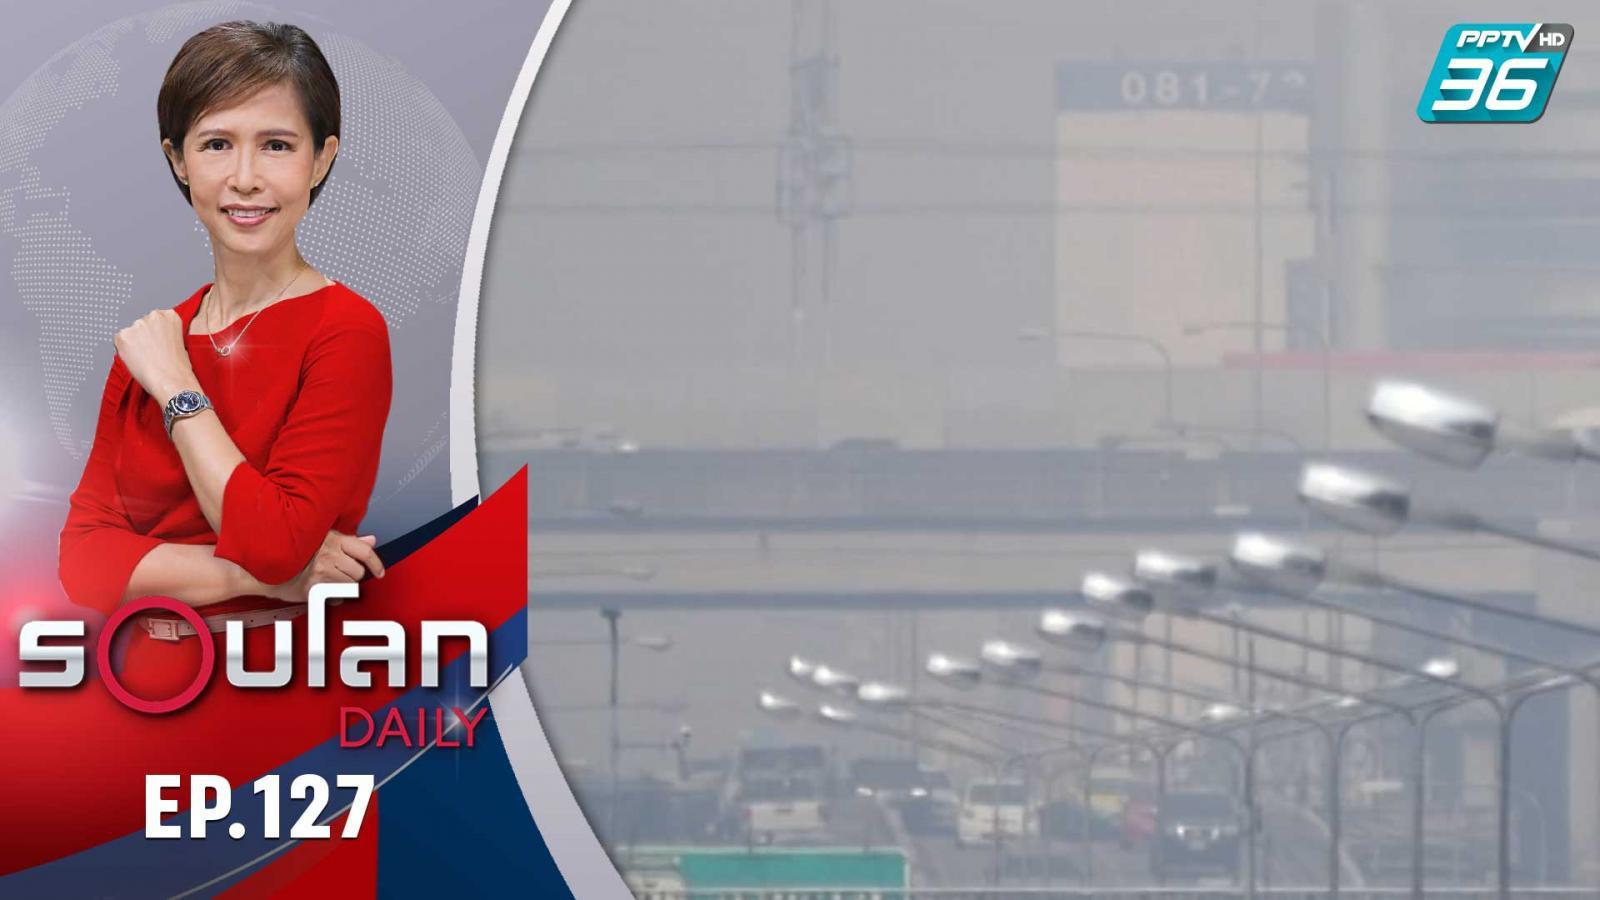 ส่อง! มาตรการแก้ปัญหา มลพิษทางอากาศให้อยู่หมัดแบบพญามังกร | 15 ธ.ค. 63 | รอบโลก DAILY